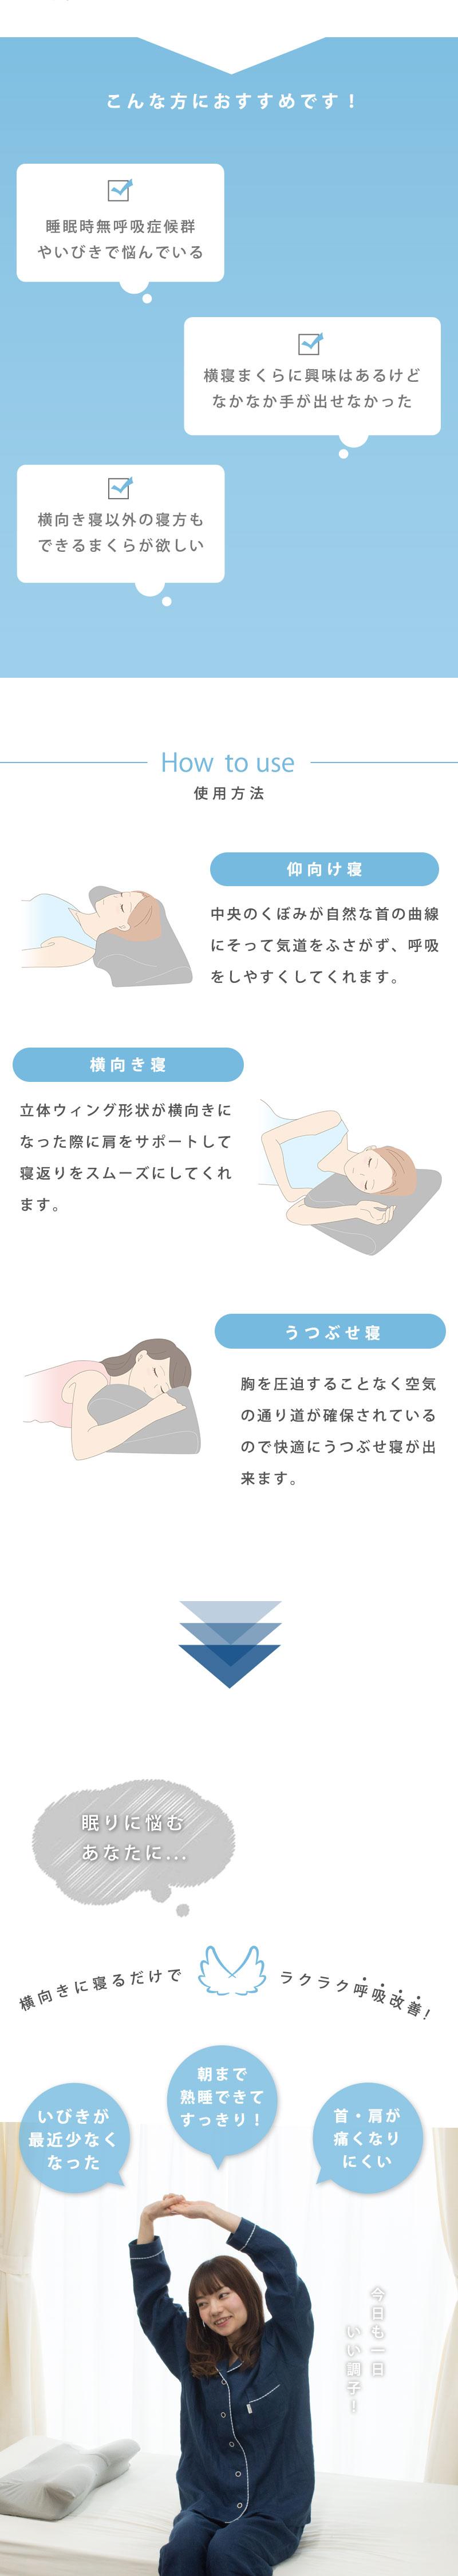 こんな方におすすめです!睡眠時無呼吸症候群やいびきで悩んでいる 横寝まくらに興味はあるけどなかなか手が出せなかった 横向き寝以外の寝方もできるまくらが欲しい How to use 使用方法 仰向け寝 中央のくぼみが自然な首の曲線にそって気道をふさがず、呼吸をしやすくしてくれます。 横向き寝 立体ウィング形状が横向きになった際に肩をサポートして寝返りをスムーズにしてくれます。 うつぶせ寝 胸を圧迫することなく空気の通り道が確保されているので快適にうつぶせ寝が出来ます。眠りに悩むあなたに… 横向きに寝るだけでラクラク呼吸改善!いびきが最近少なくなった 朝まで熟睡できてすっきり!首・肩が痛くなりにくい